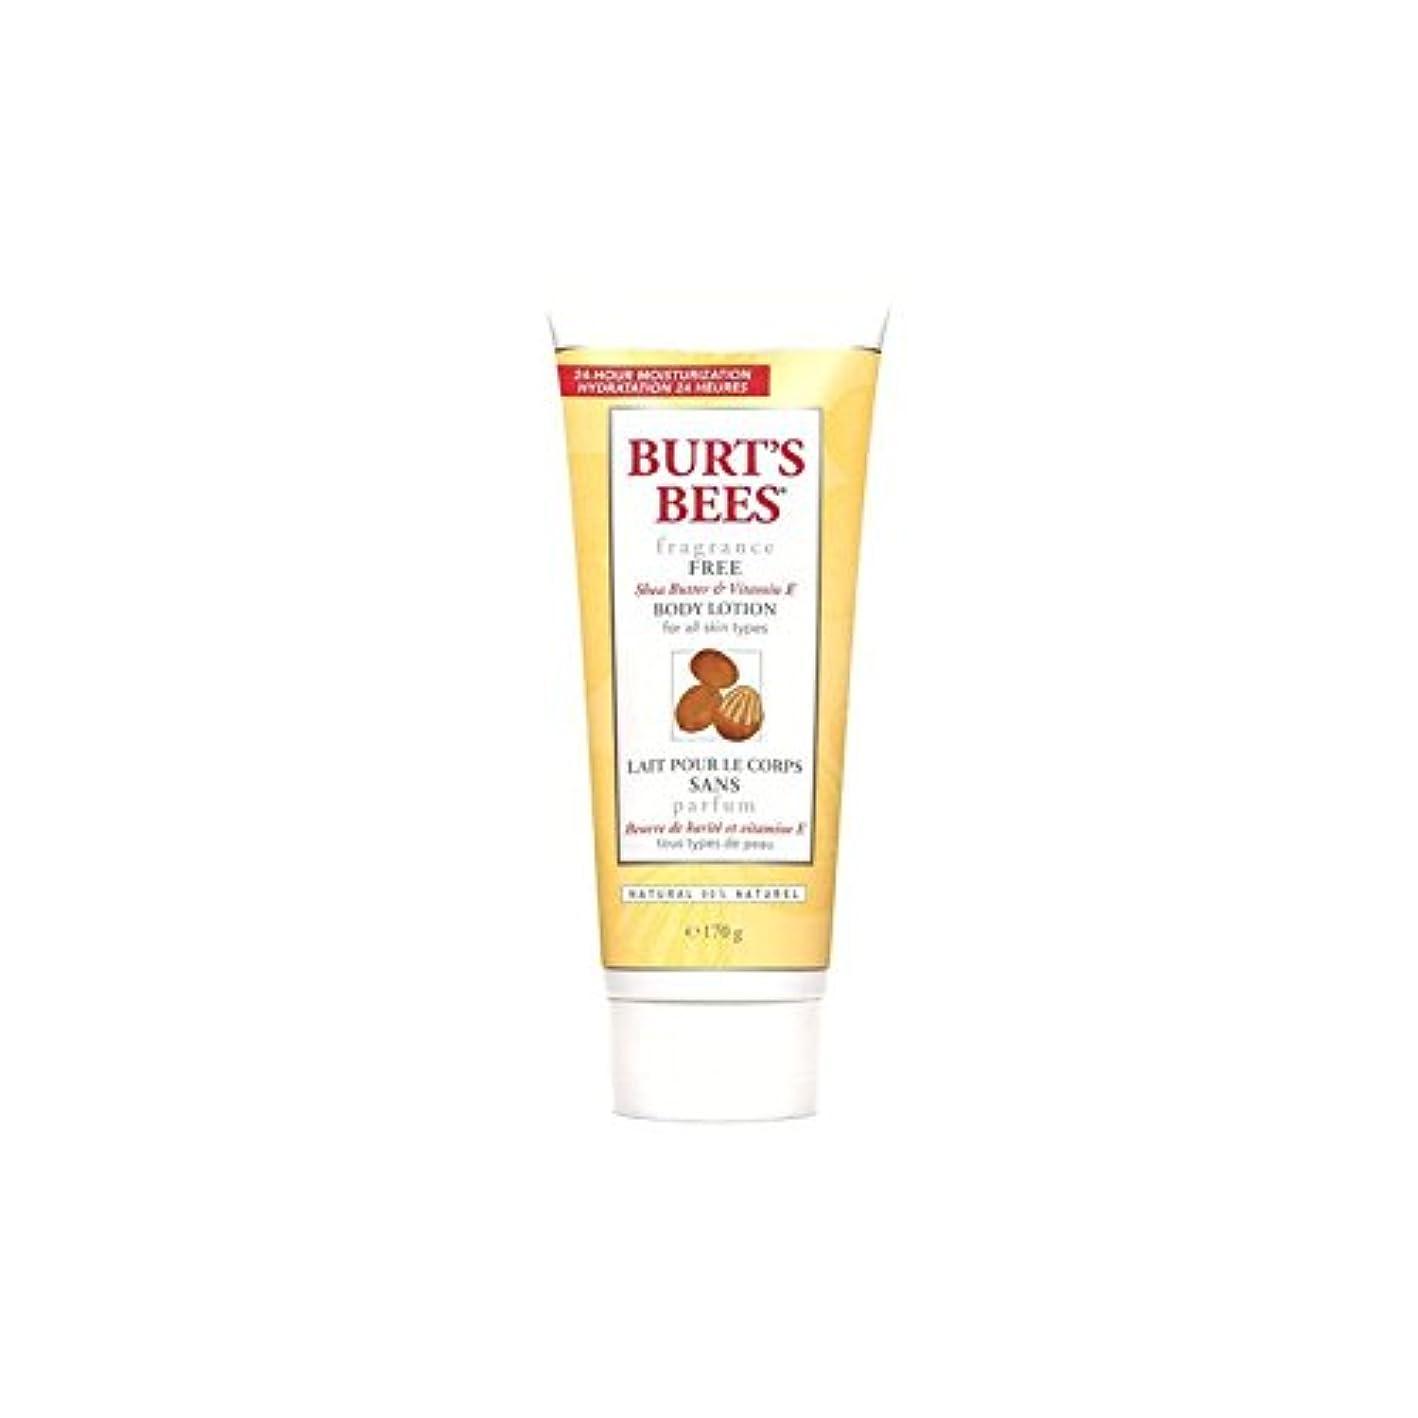 不満等価一瞬バーツビーボディローション - 無香料6オンス x4 - Burt's Bees Body Lotion - Fragrance Free 6fl oz (Pack of 4) [並行輸入品]